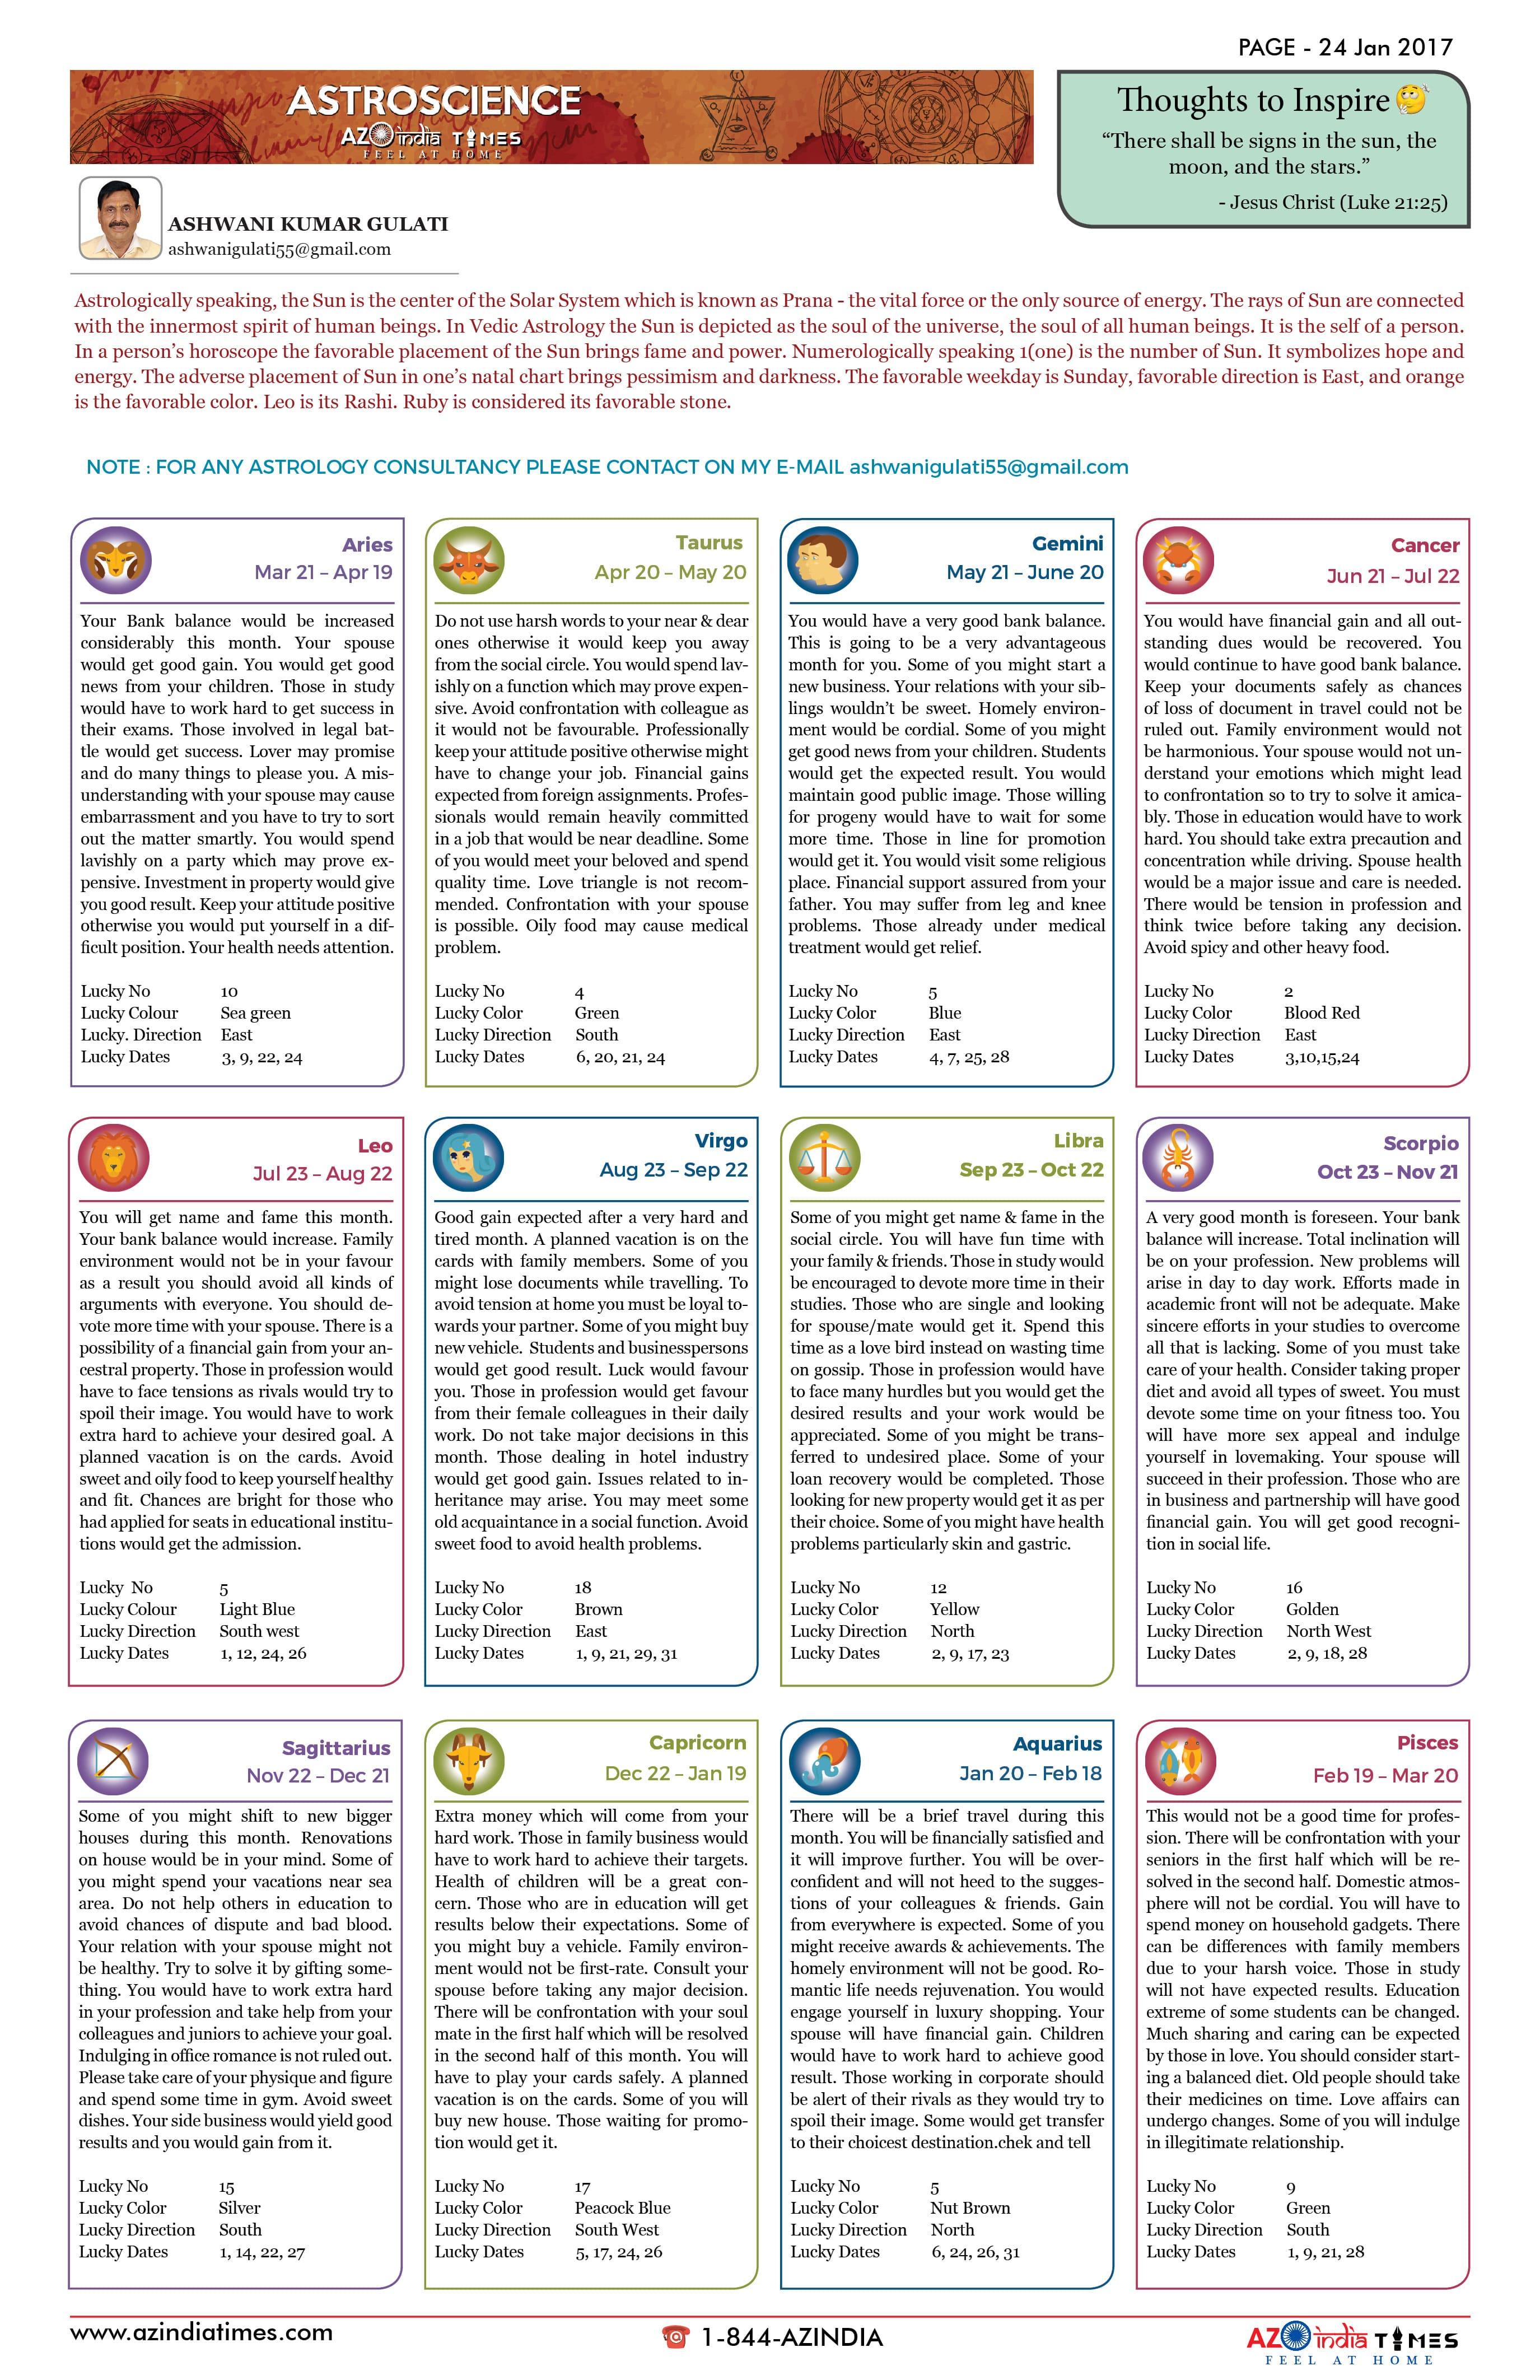 AZ INDIA JANUARY EDITION-24